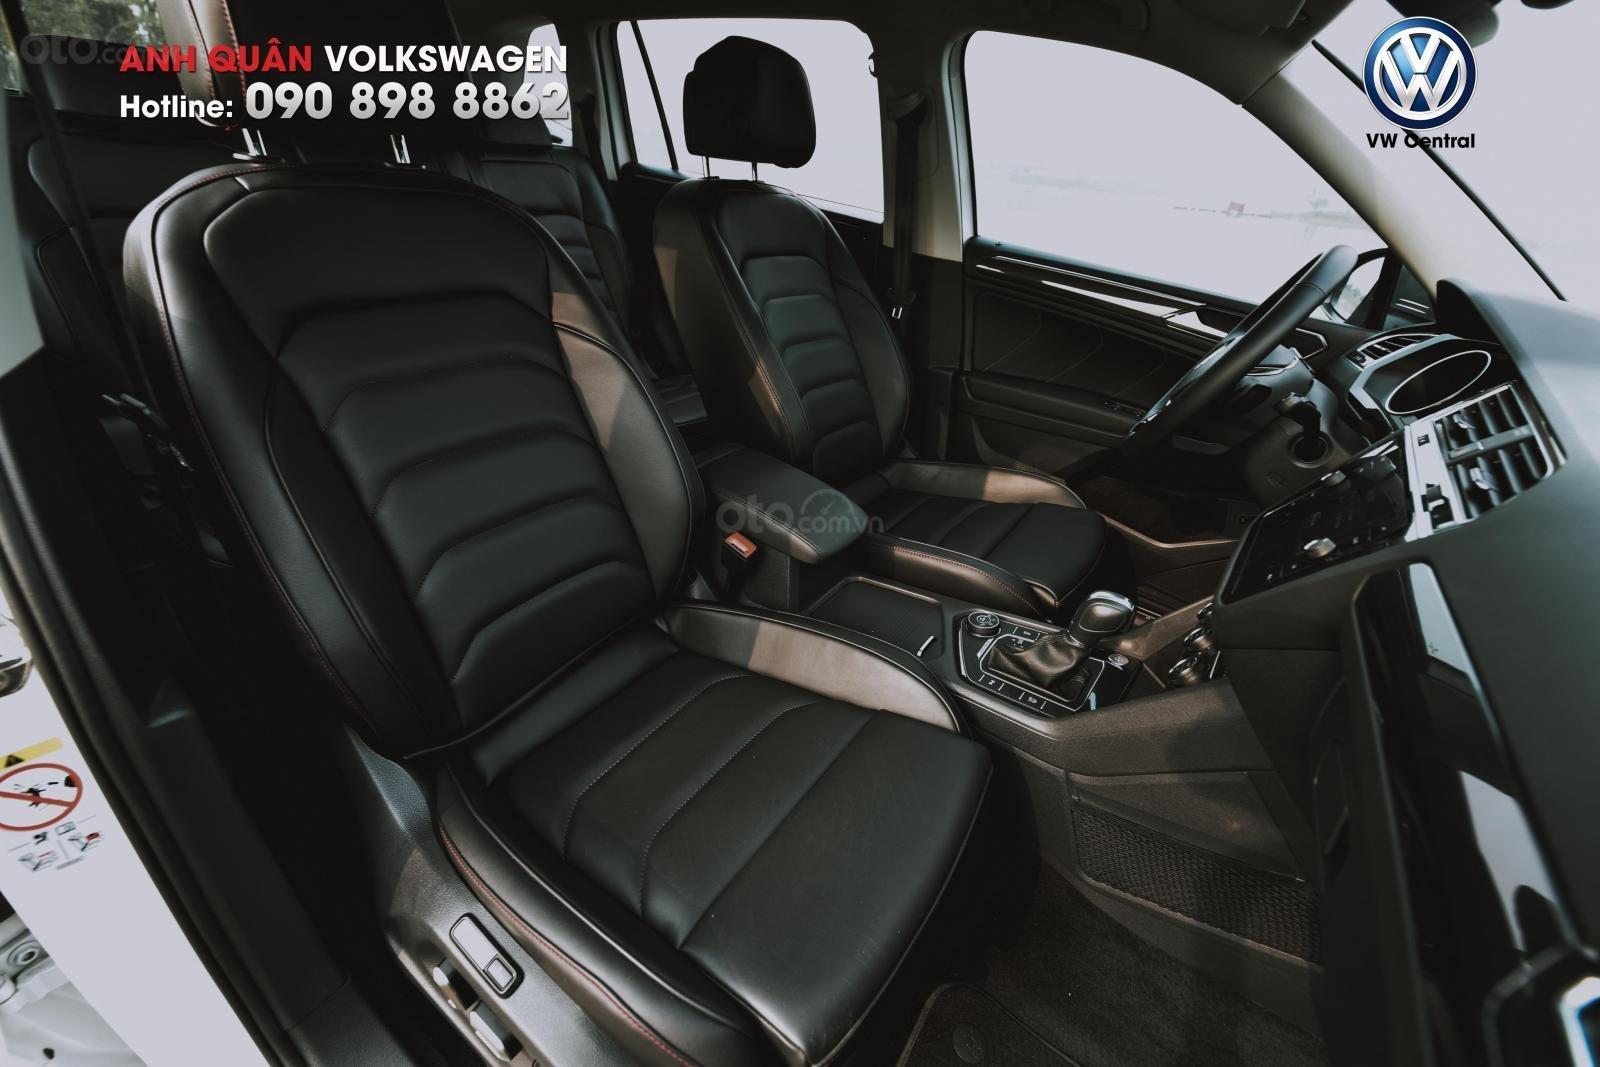 Tiguan Allspace Luxury 2020 - nhập khẩu, đủ màu, giao ngay|Hotline: 090-898-8862 (Anh Quân - VW Sài Gòn) (9)